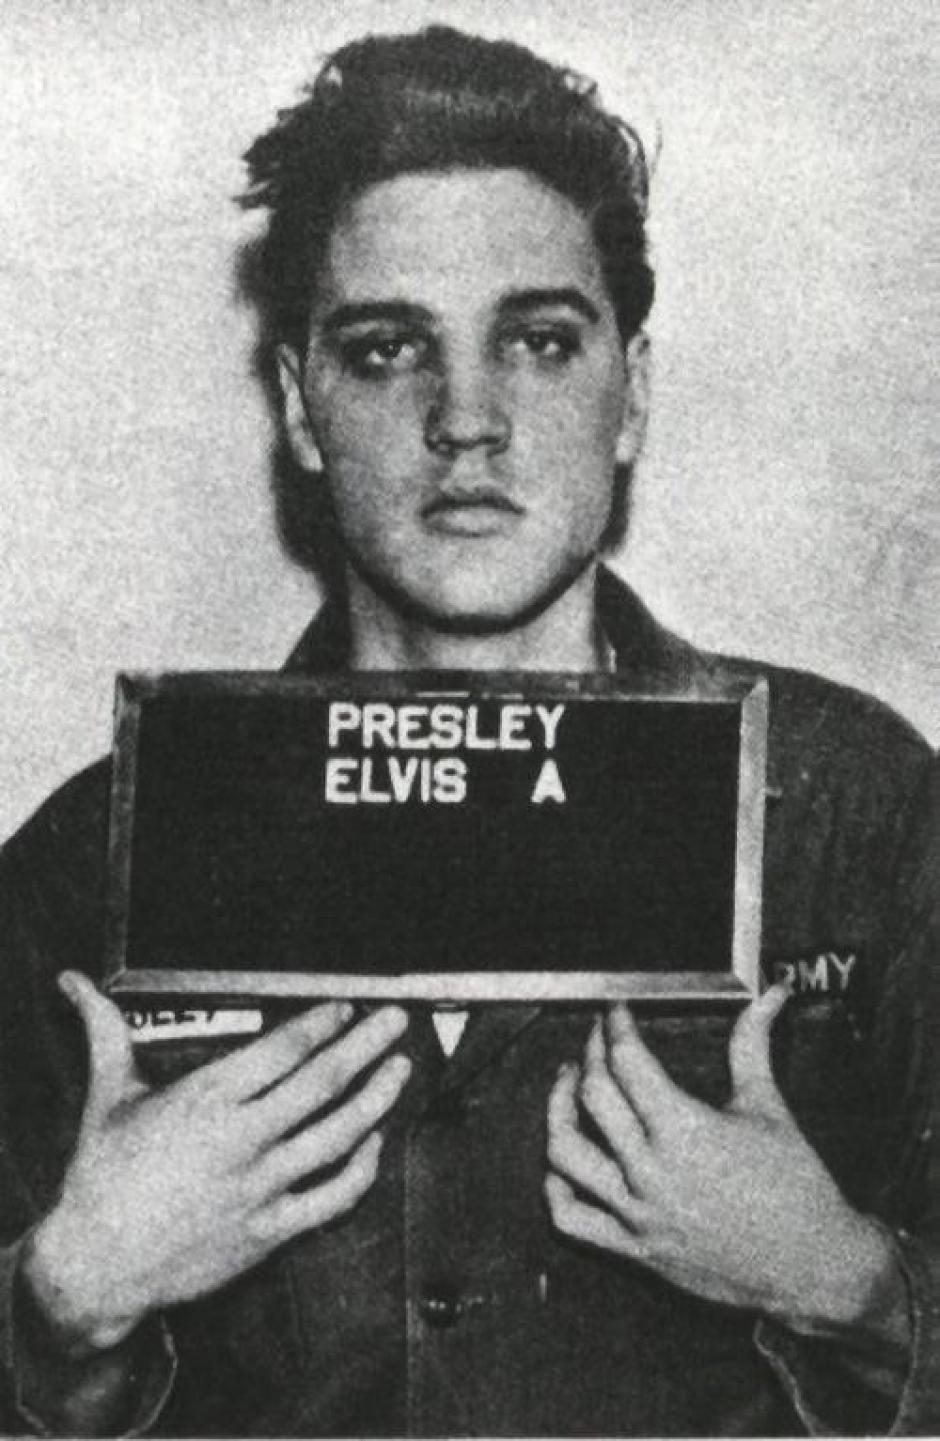 Elvis Presley falleció un 16 de agosto de 1977, víctima de una sobredosis de fármacos prescritos.